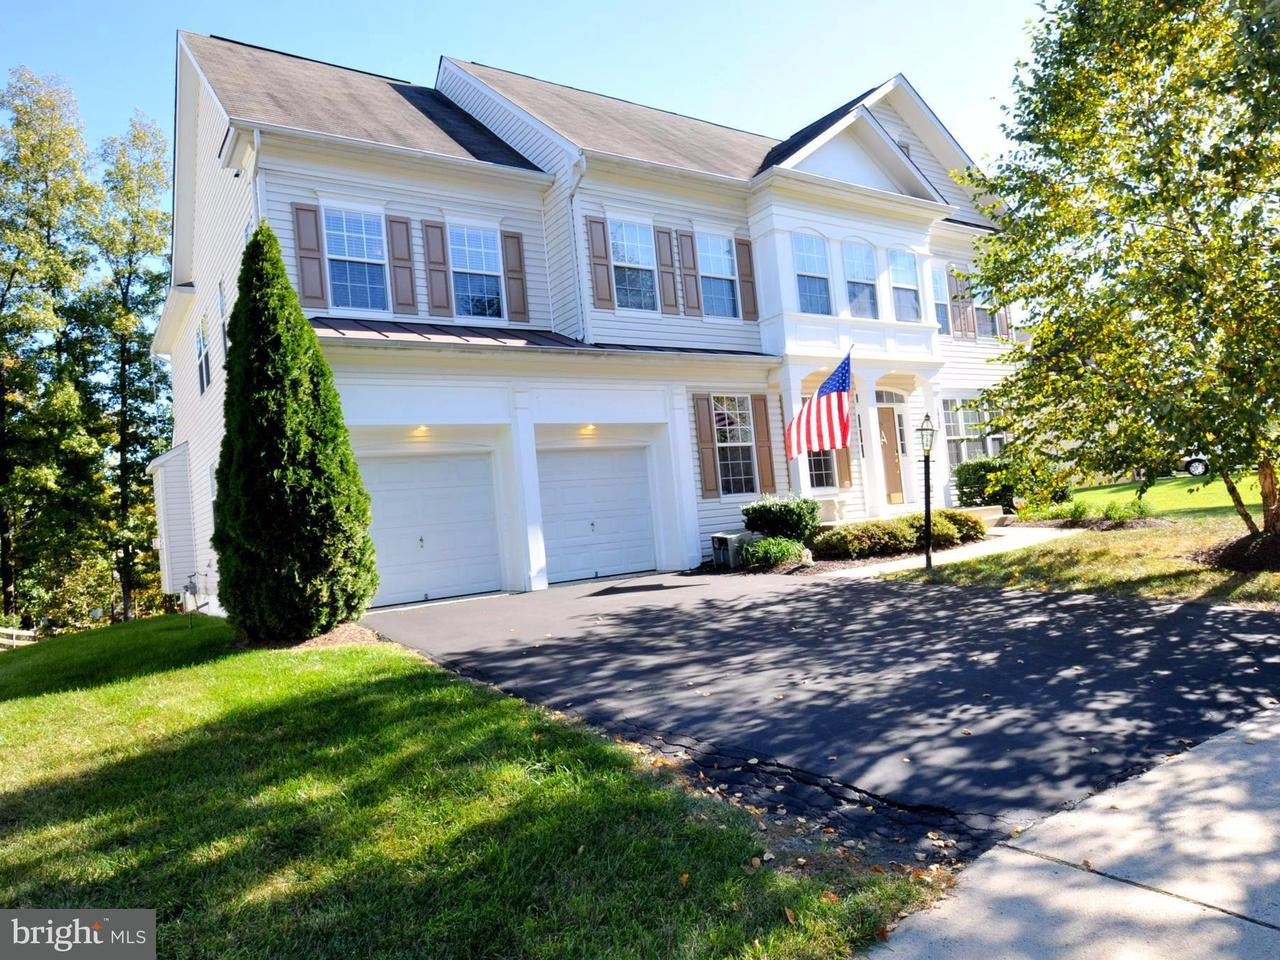 Μονοκατοικία για την Πώληση στο 10188 Broadsword Drive 10188 Broadsword Drive Bristow, Βιρτζινια 20136 Ηνωμενεσ Πολιτειεσ